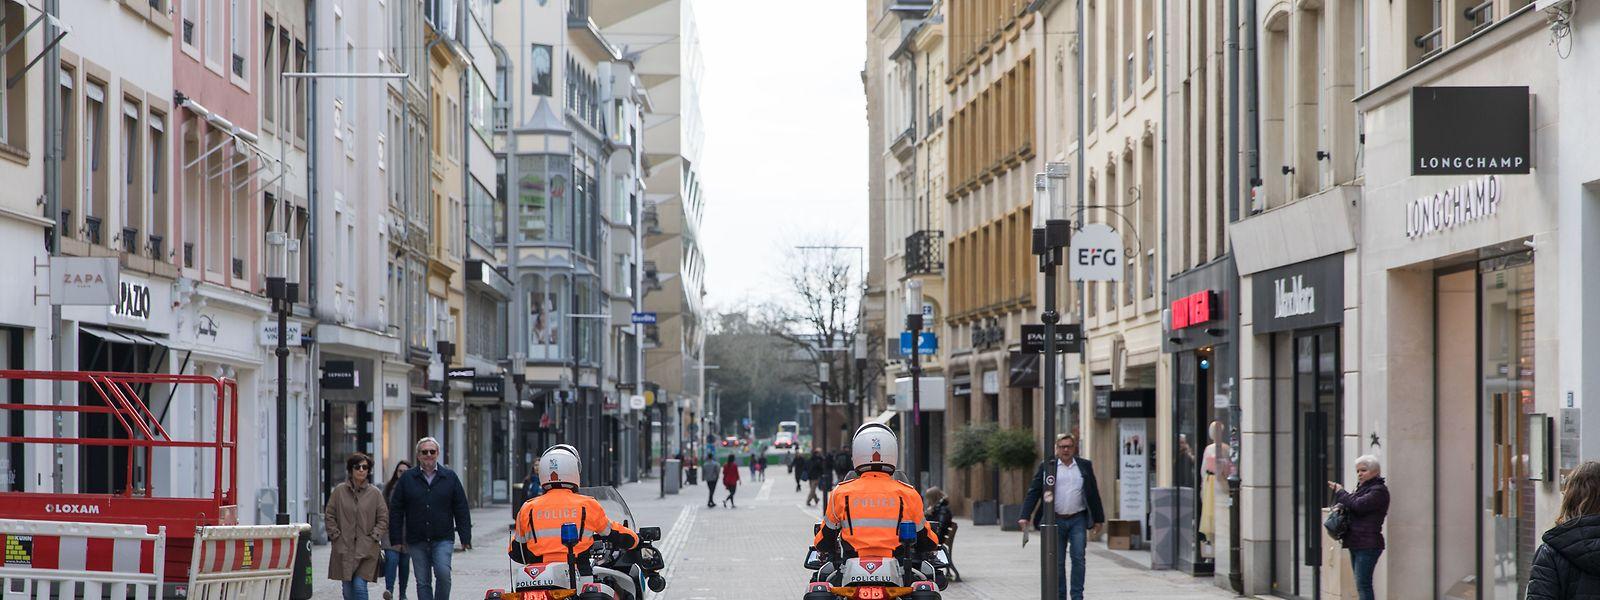 Am 18. März hat die luxemburgische Regierung für zehn Tage den Ausnahmezustand ausgerufen, am 21. März hat das Parlament ihn einstimmig um drei Monate verlängert. Die damit verbundenen Ausgangsbeschränkungen werden vom Großteil der Bevölkerung eingehalten, die Polizei führt regelmäßig Kontrollen durch.